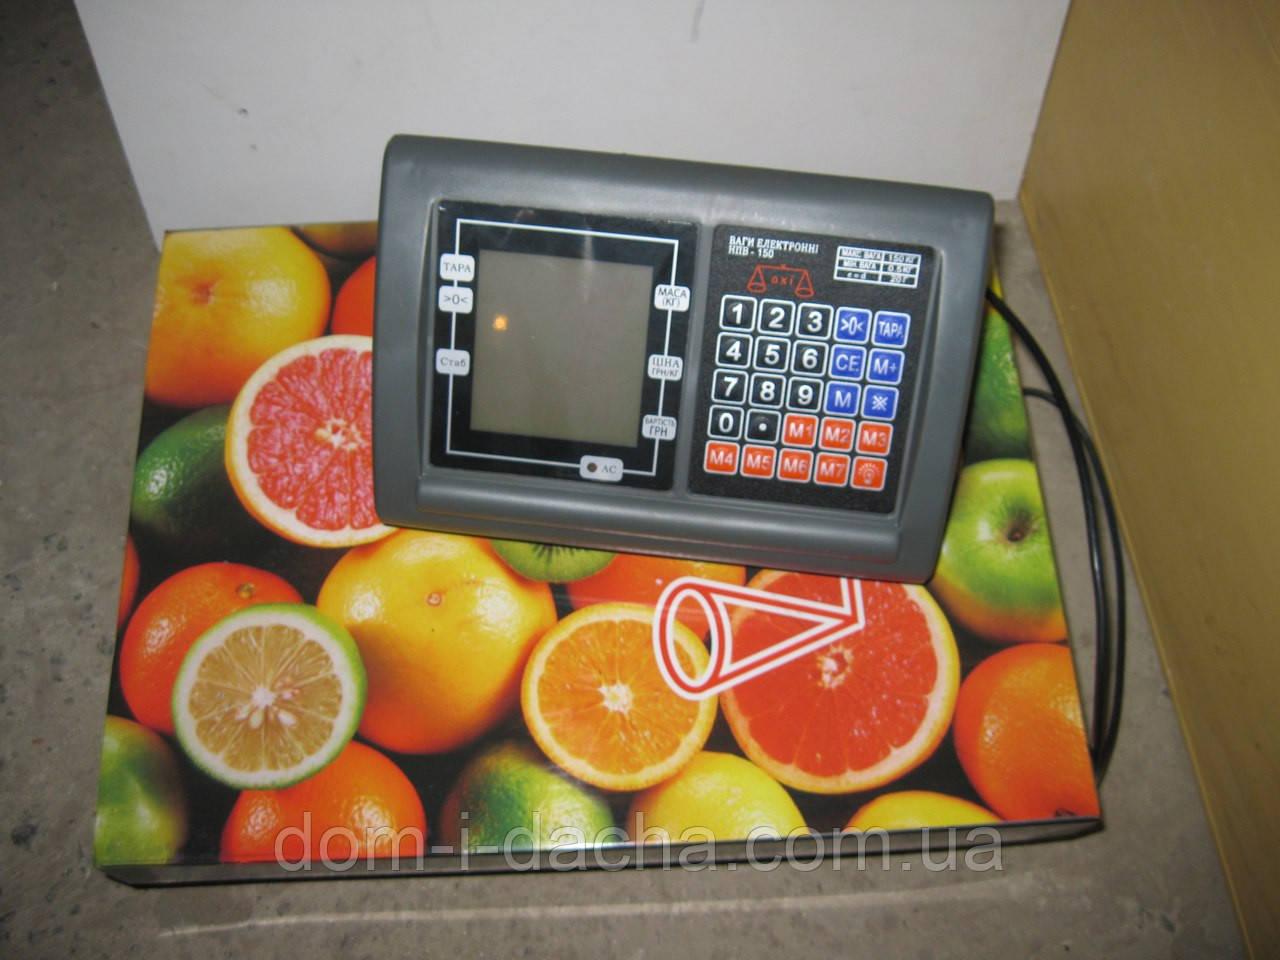 Весы платформенные OXI -300 кг